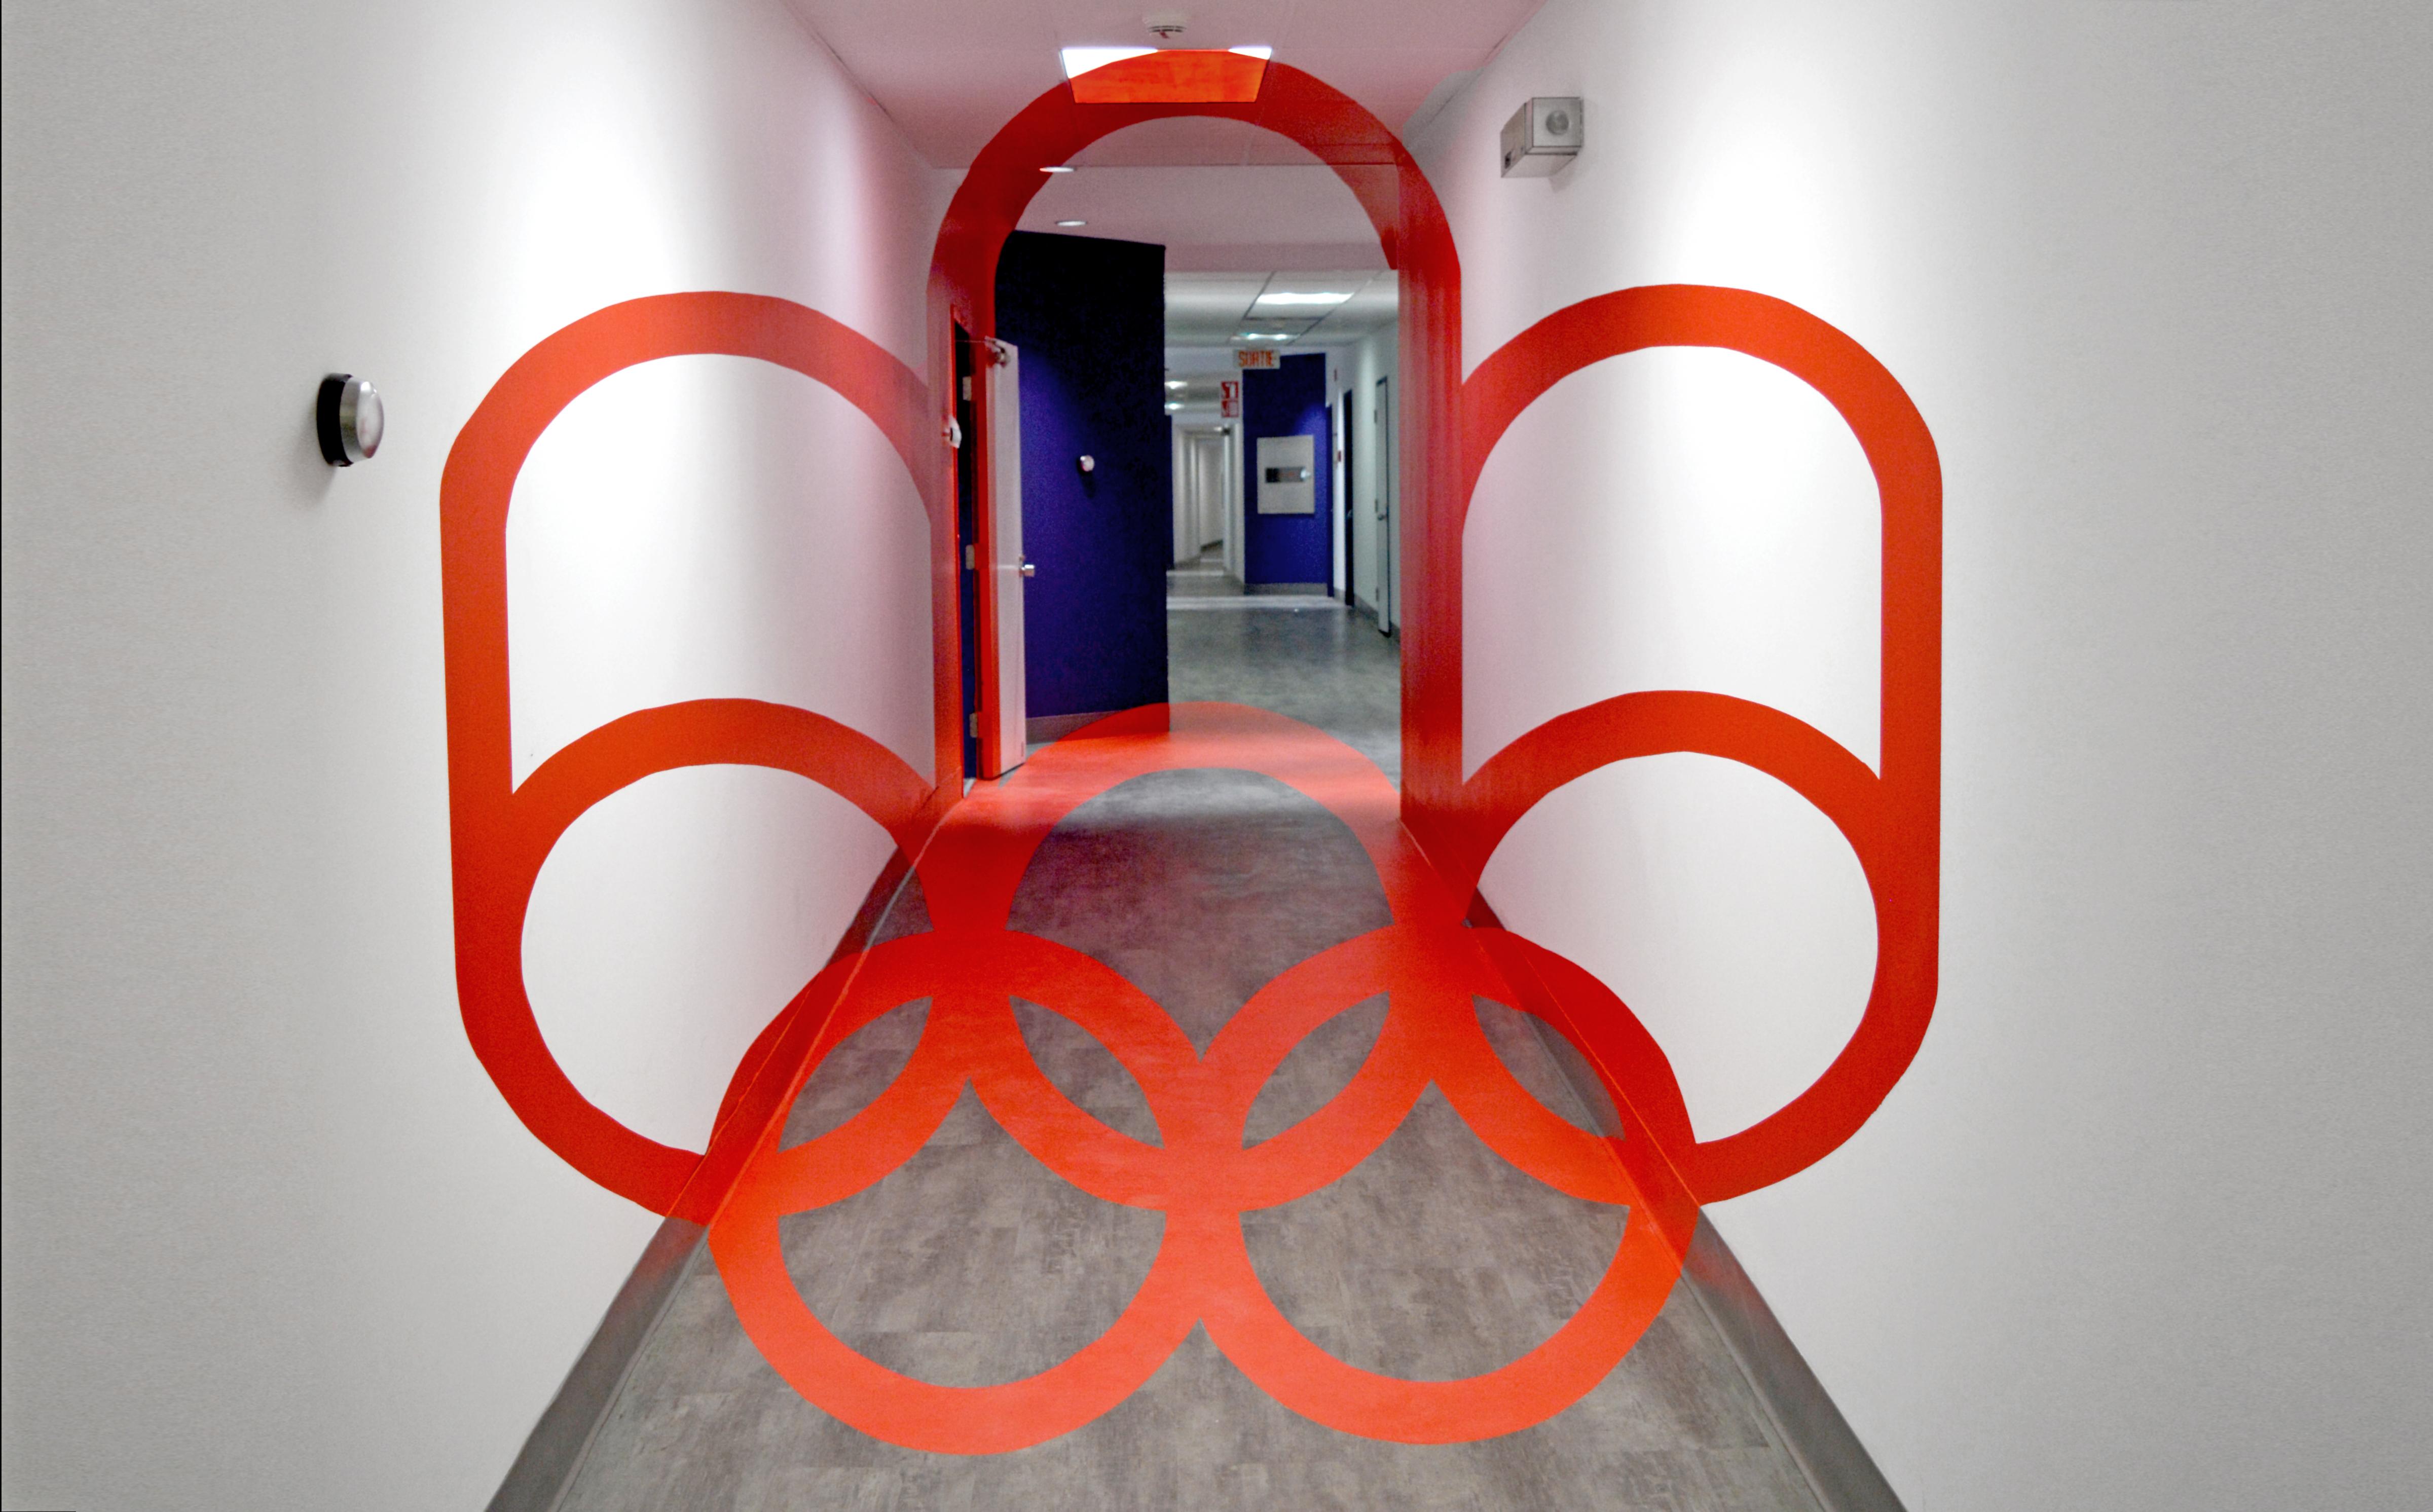 Habillage des bureaux administratif du Parc olympique